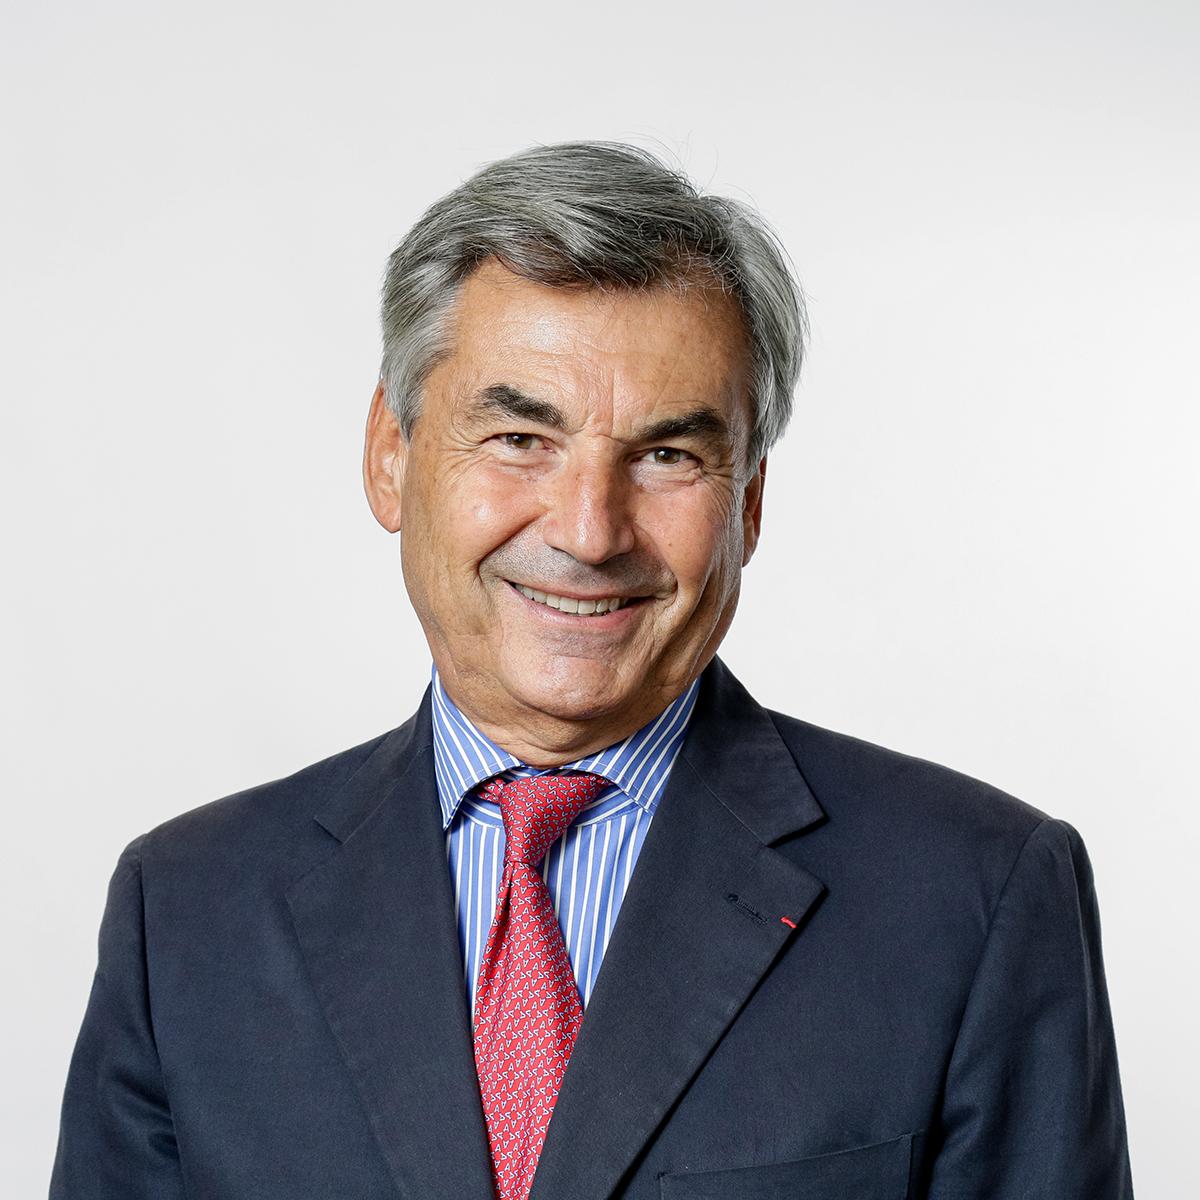 Pierre Debourdeau